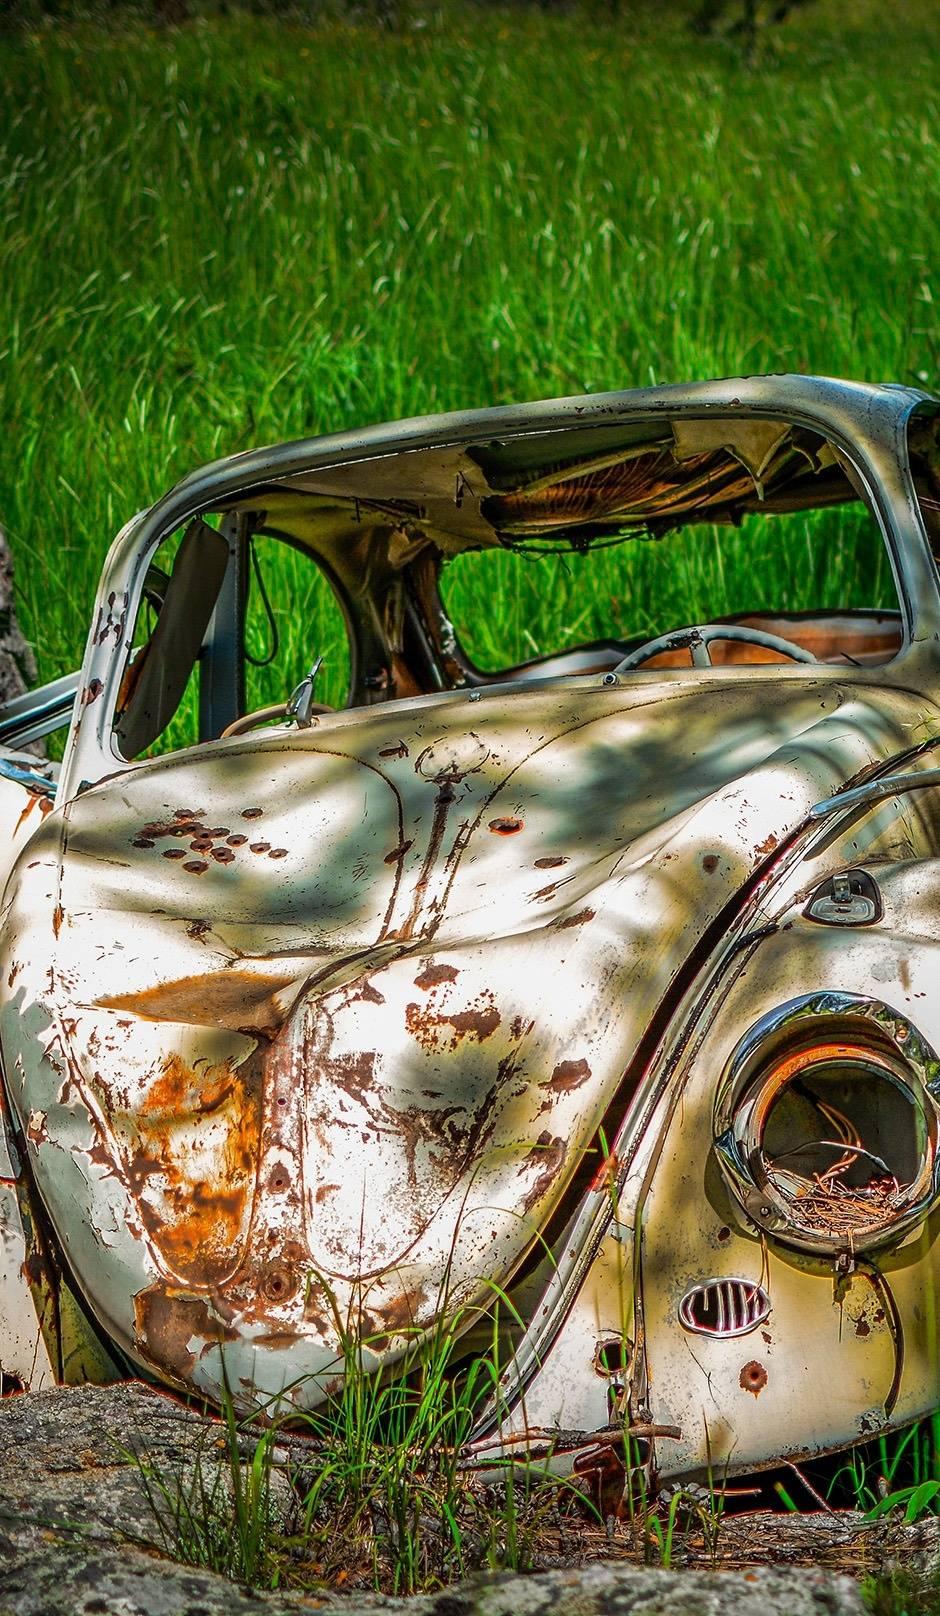 Scrap my Volkswagen car